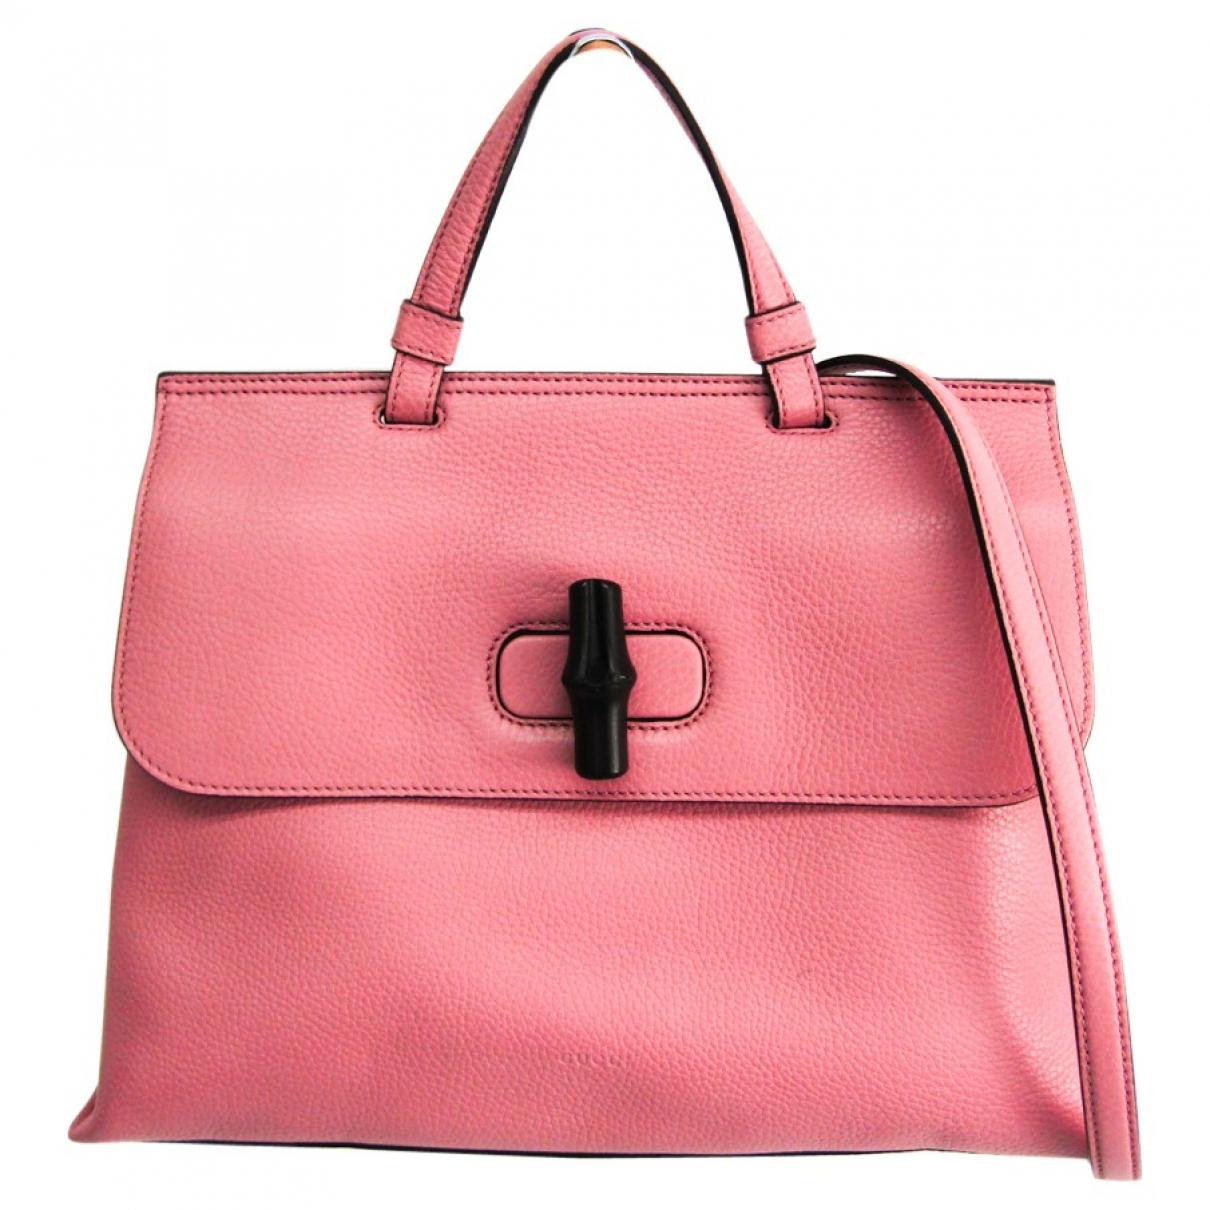 Gucci \N Handtasche in  Rosa Leder